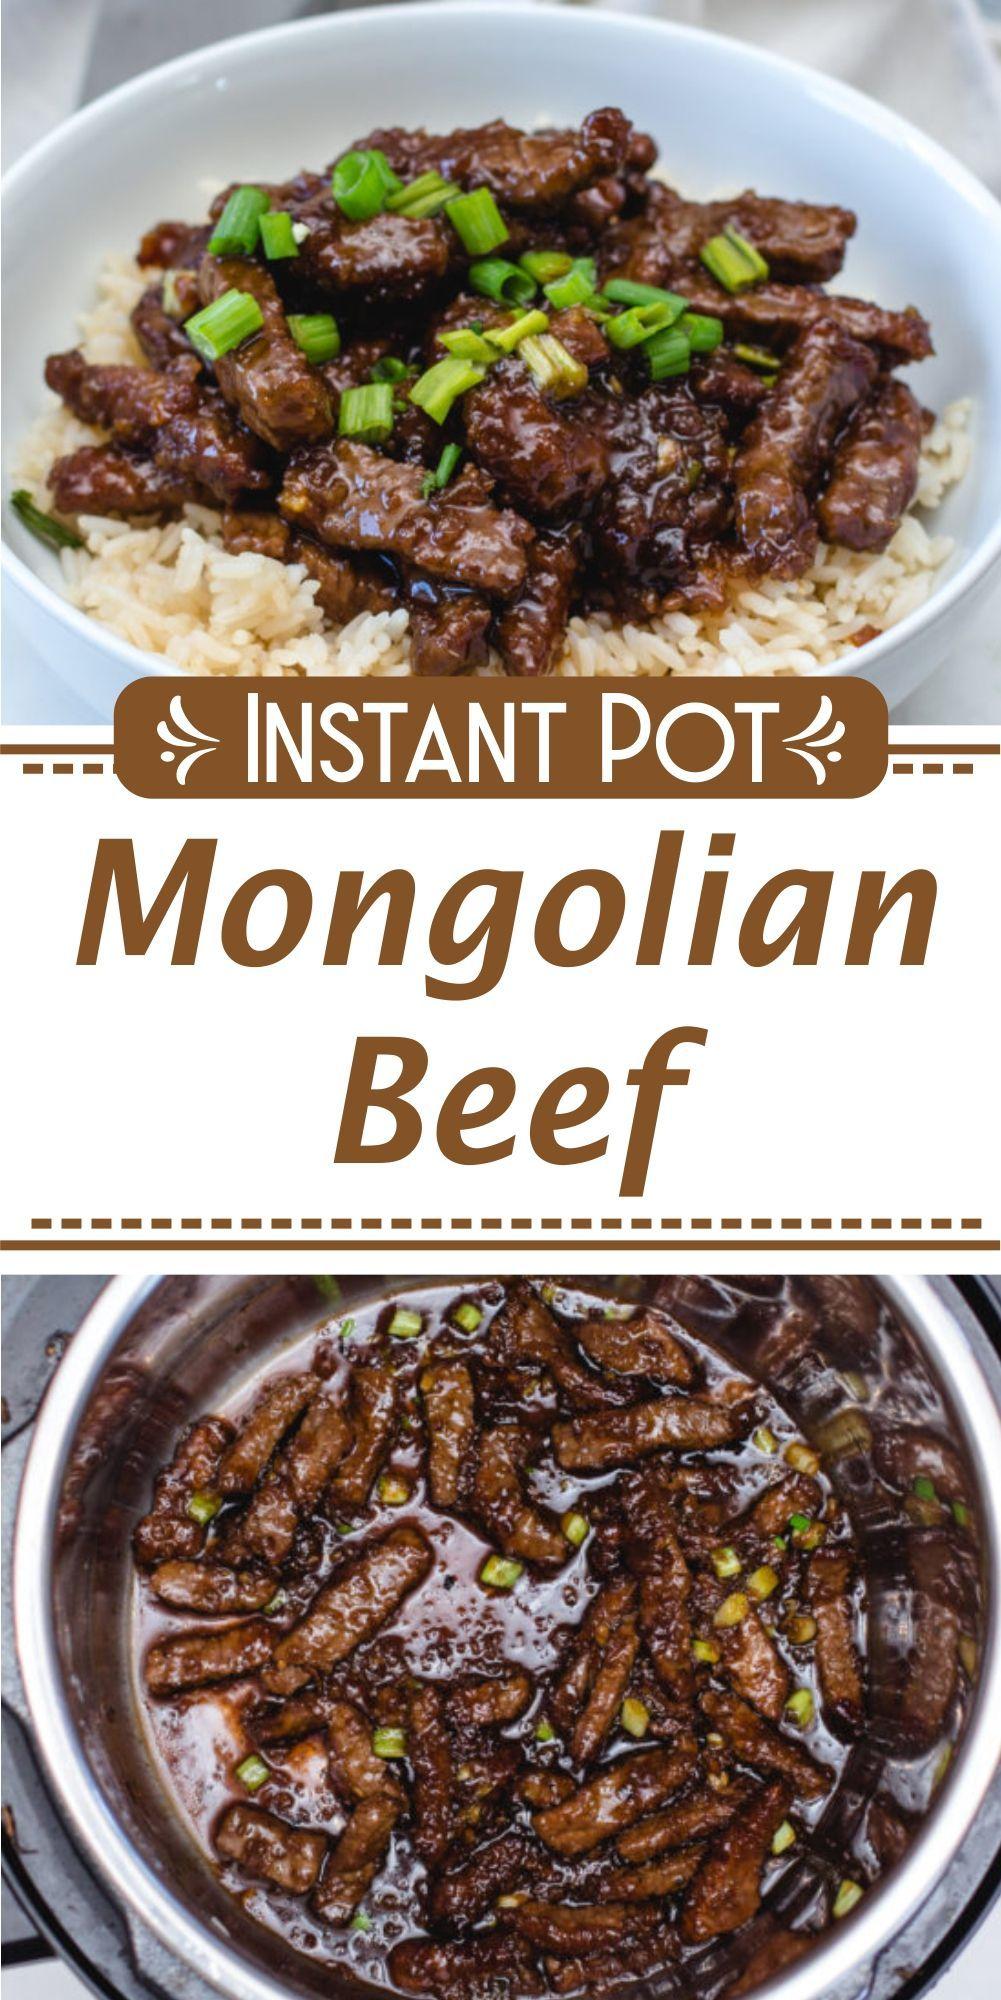 Instant Pot Mongolian Beef Recipe Best Instant Pot Recipe Instant Pot Dinner Recipes Cooker Recipes